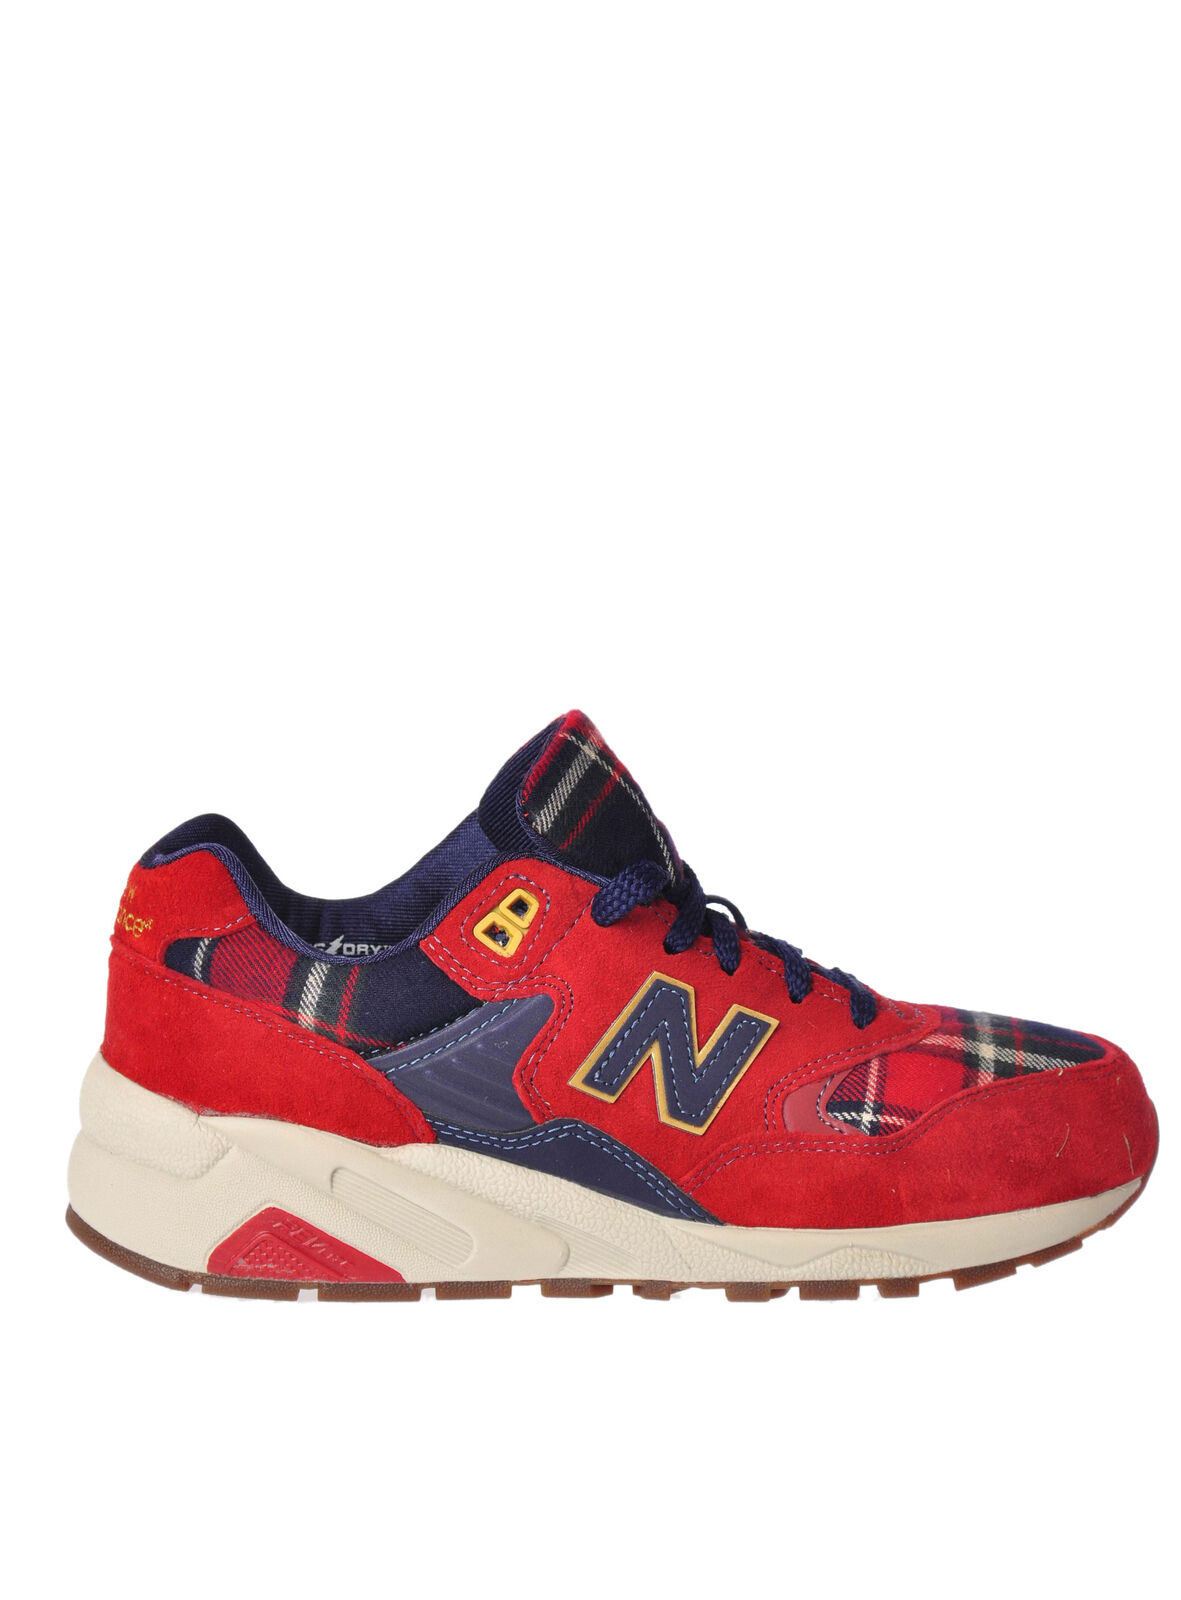 New Balance - zapatos-zapatilla de de de deporte-niedrige - Frau - rojo - 442818G180519  a la venta